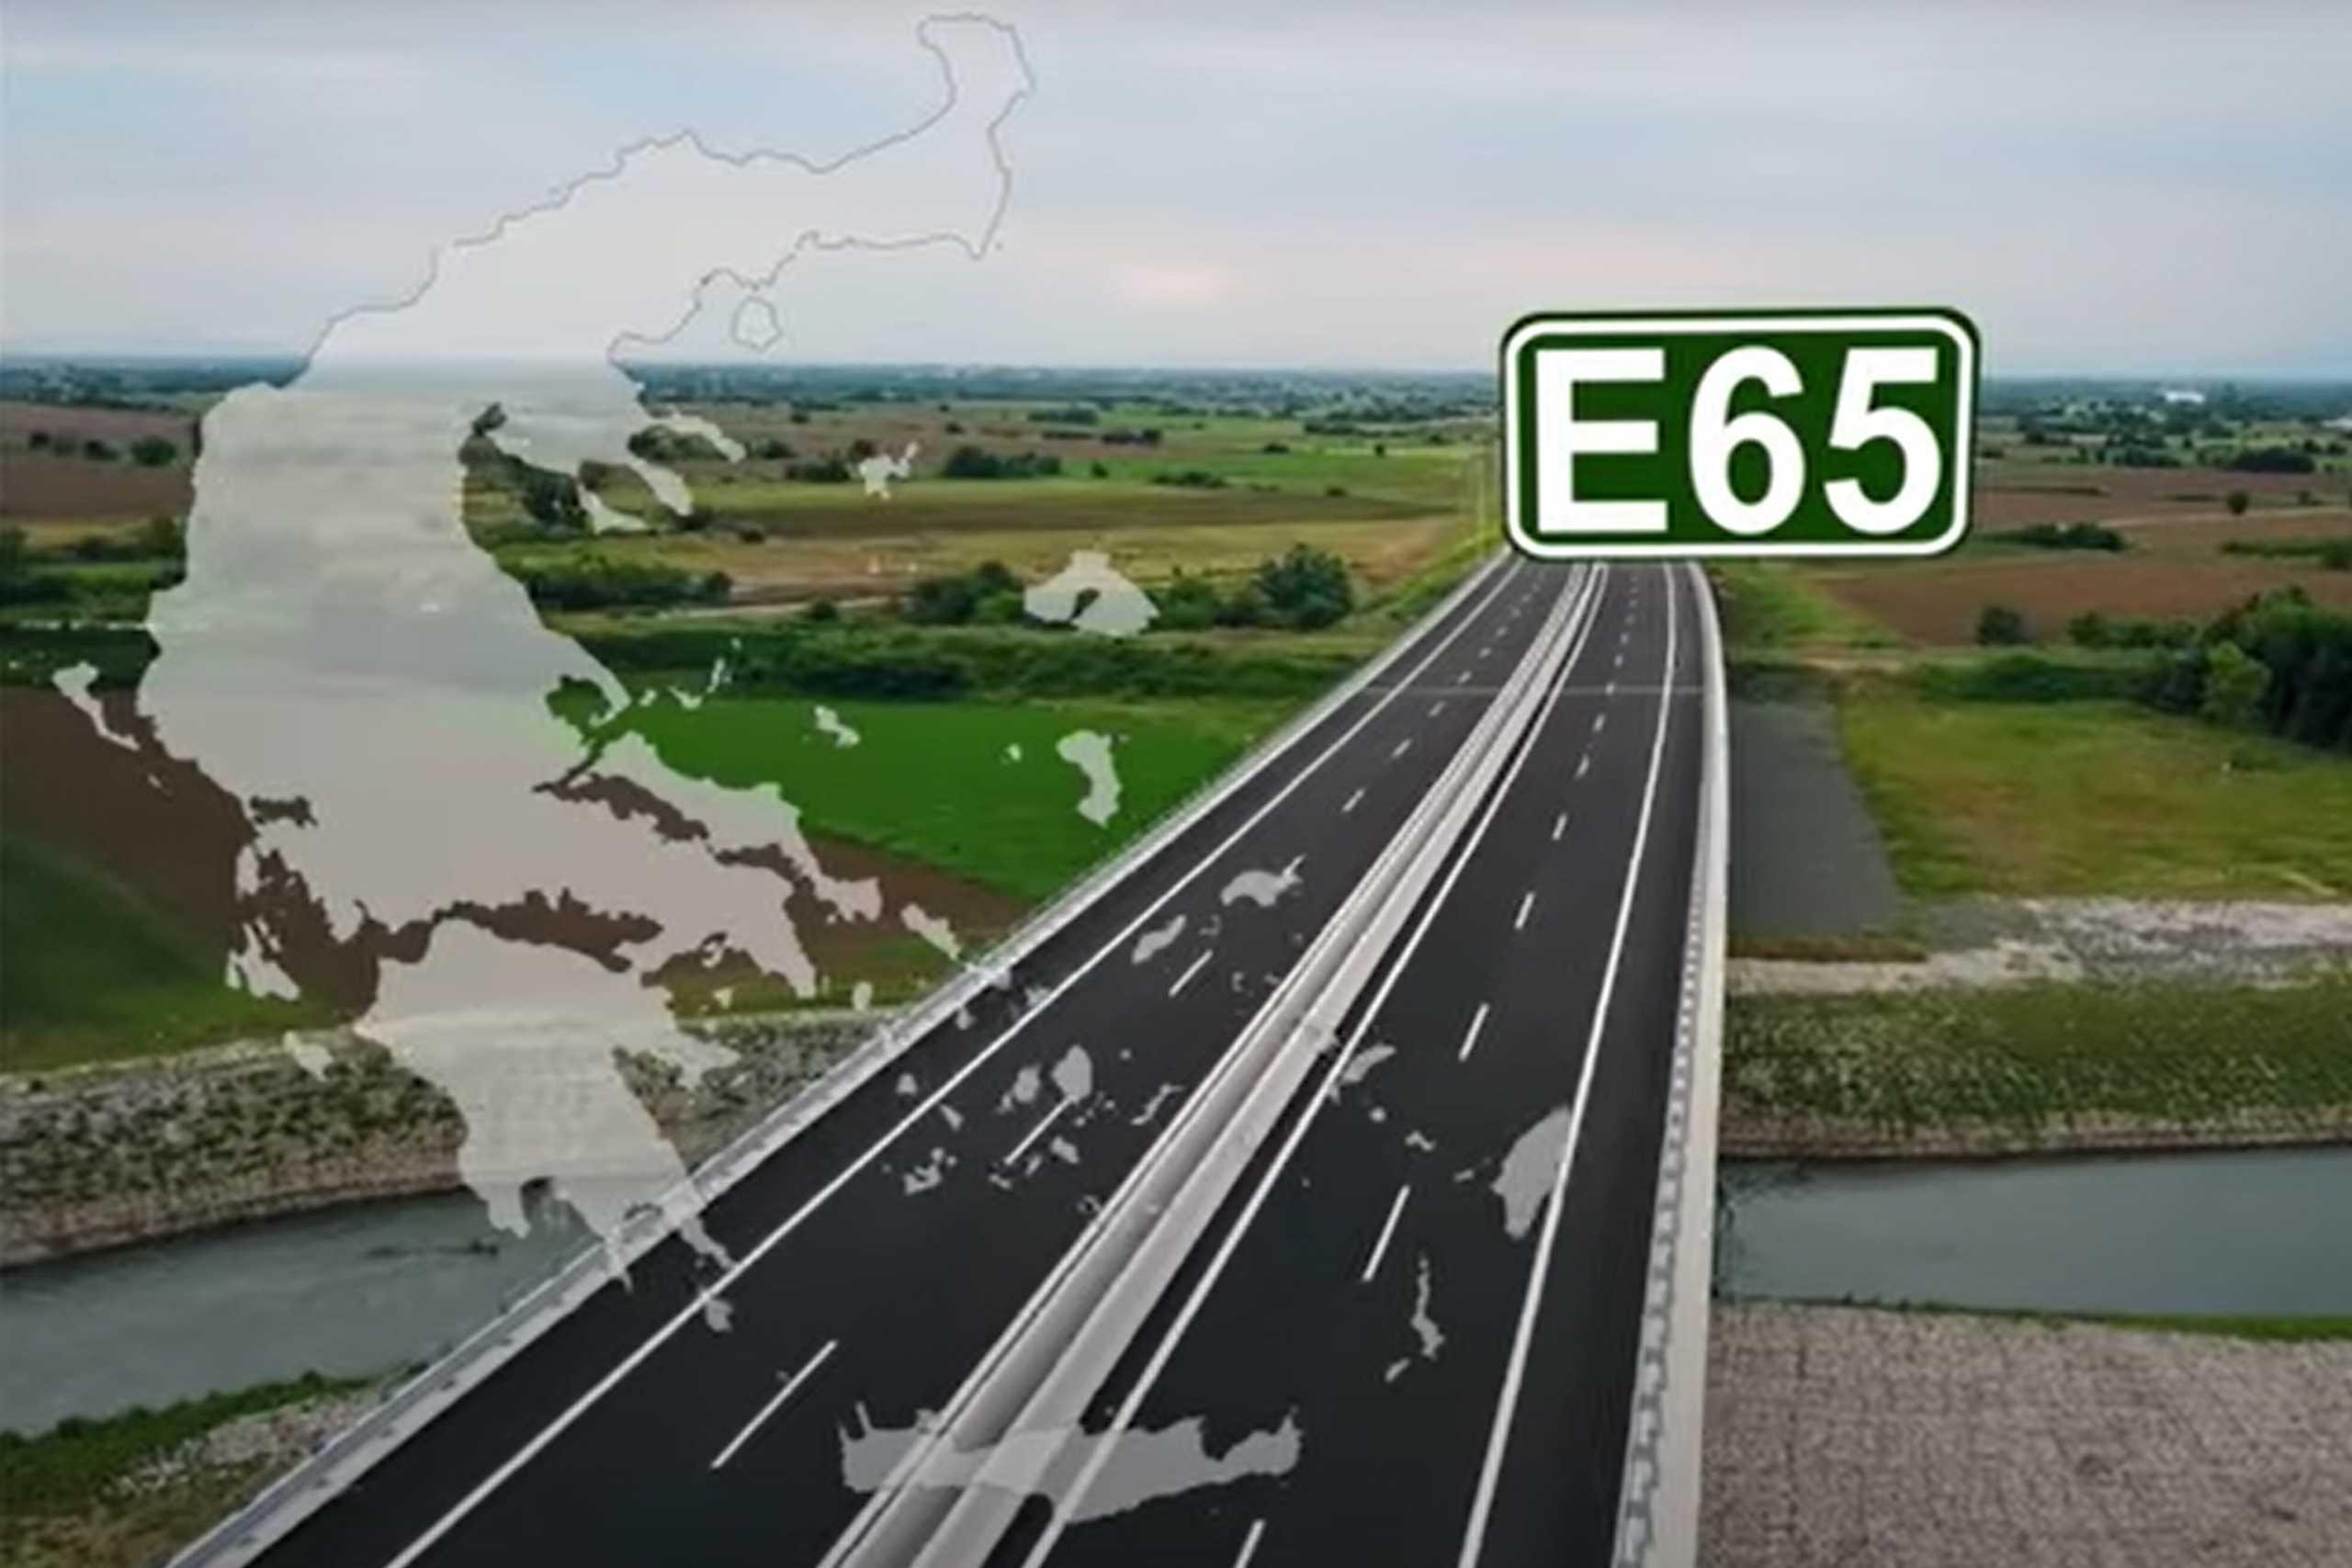 Βουλή: Ψηφίζεται το νομοσχέδιο για τον βόρειο οδικό άξονα του E-65